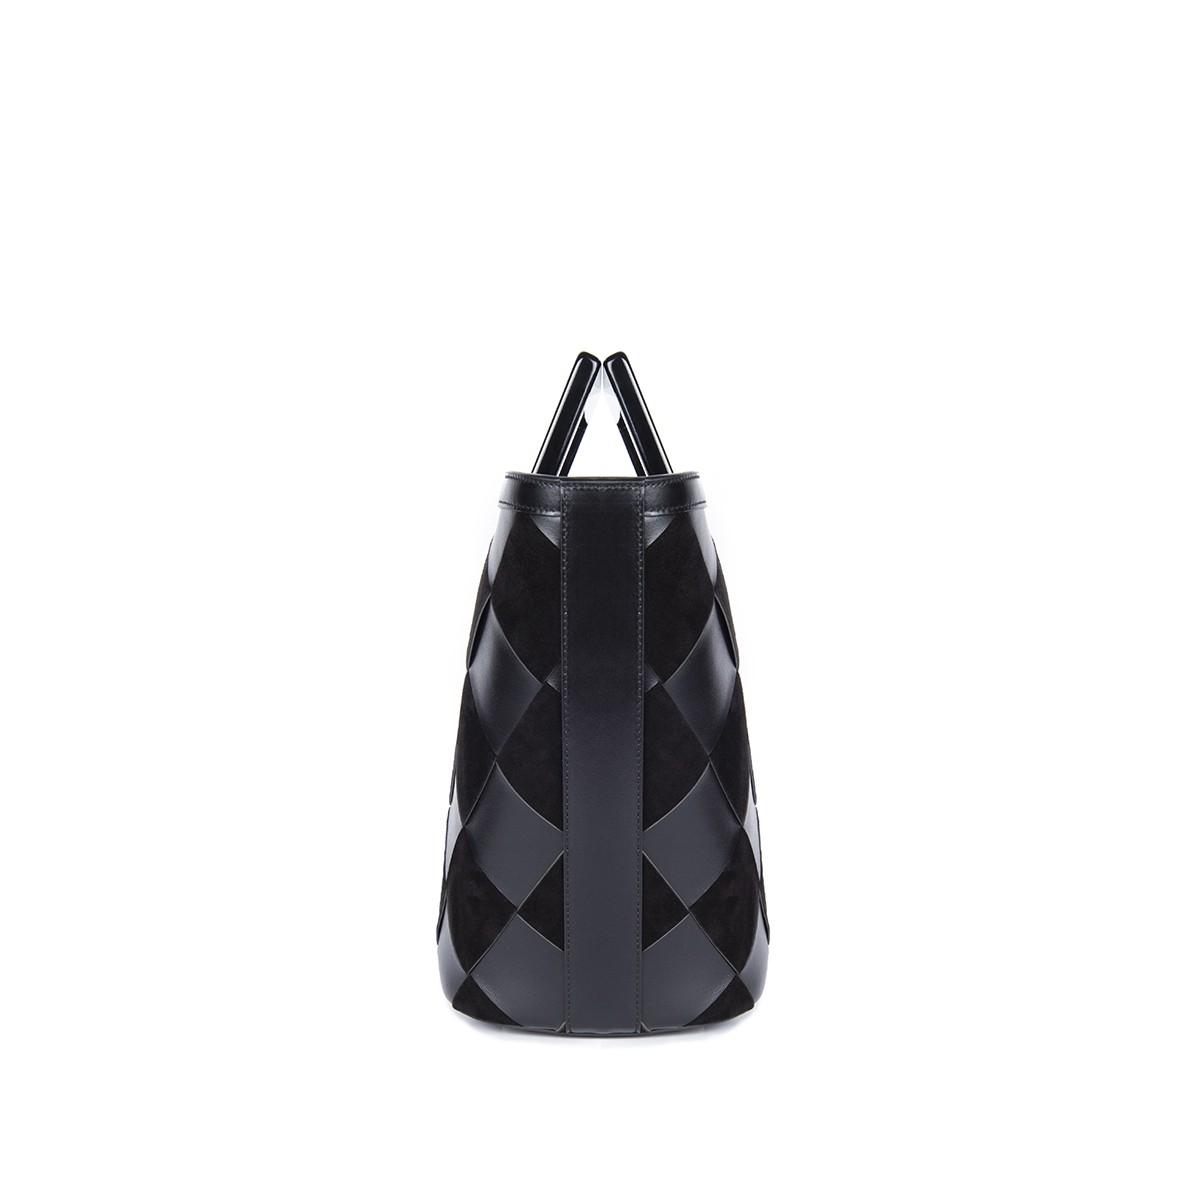 Mini Riviera in Black Woven Leather3